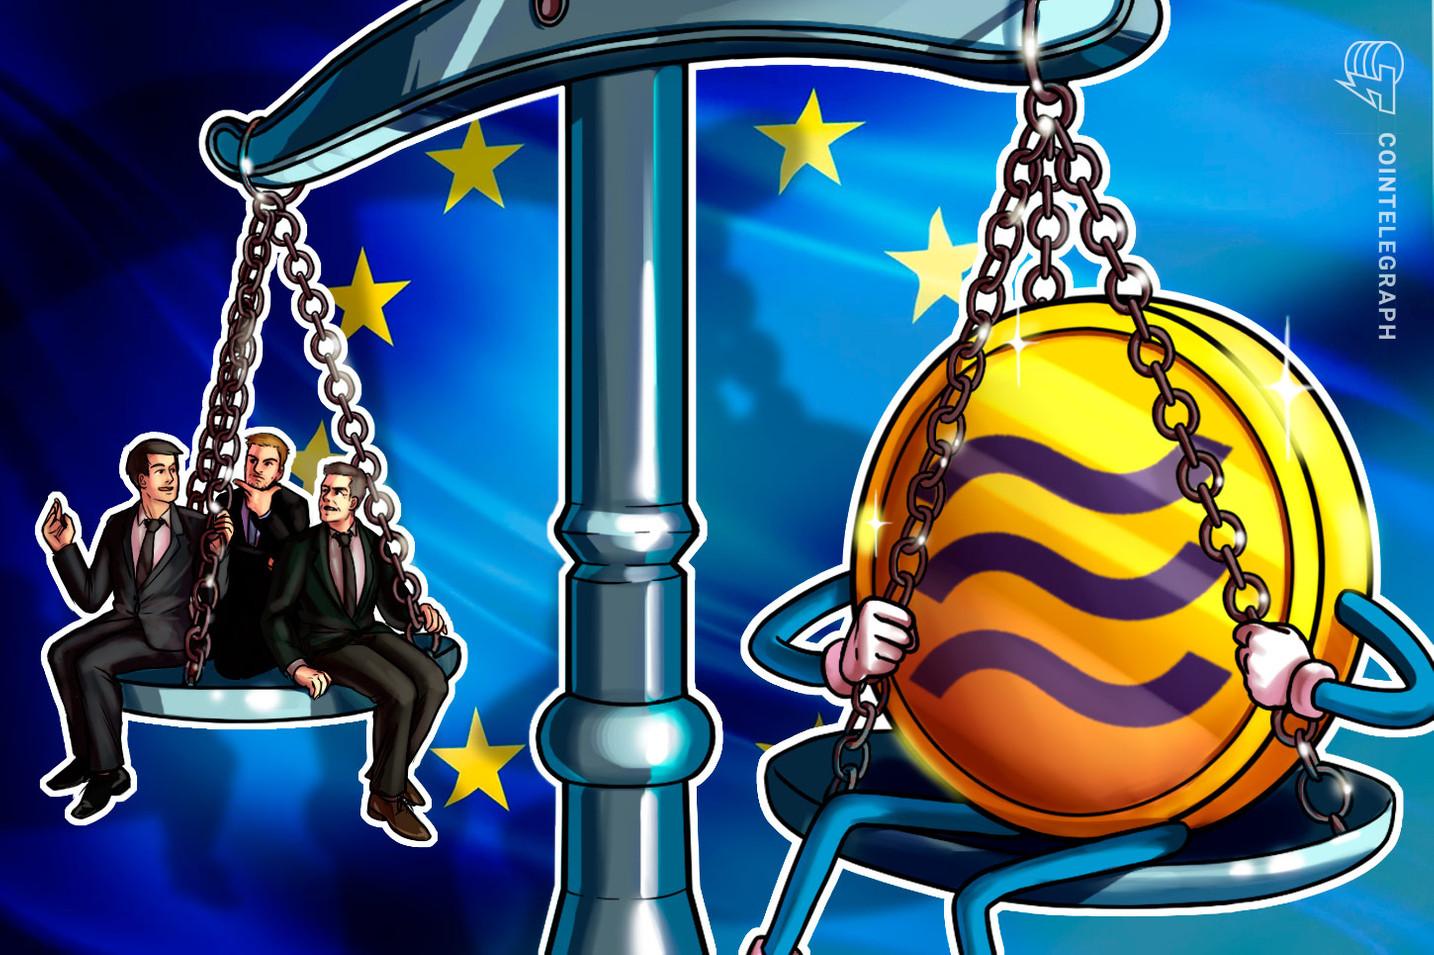 Informe: Cinco países de la Unión Europea se unen para bloquear Libra